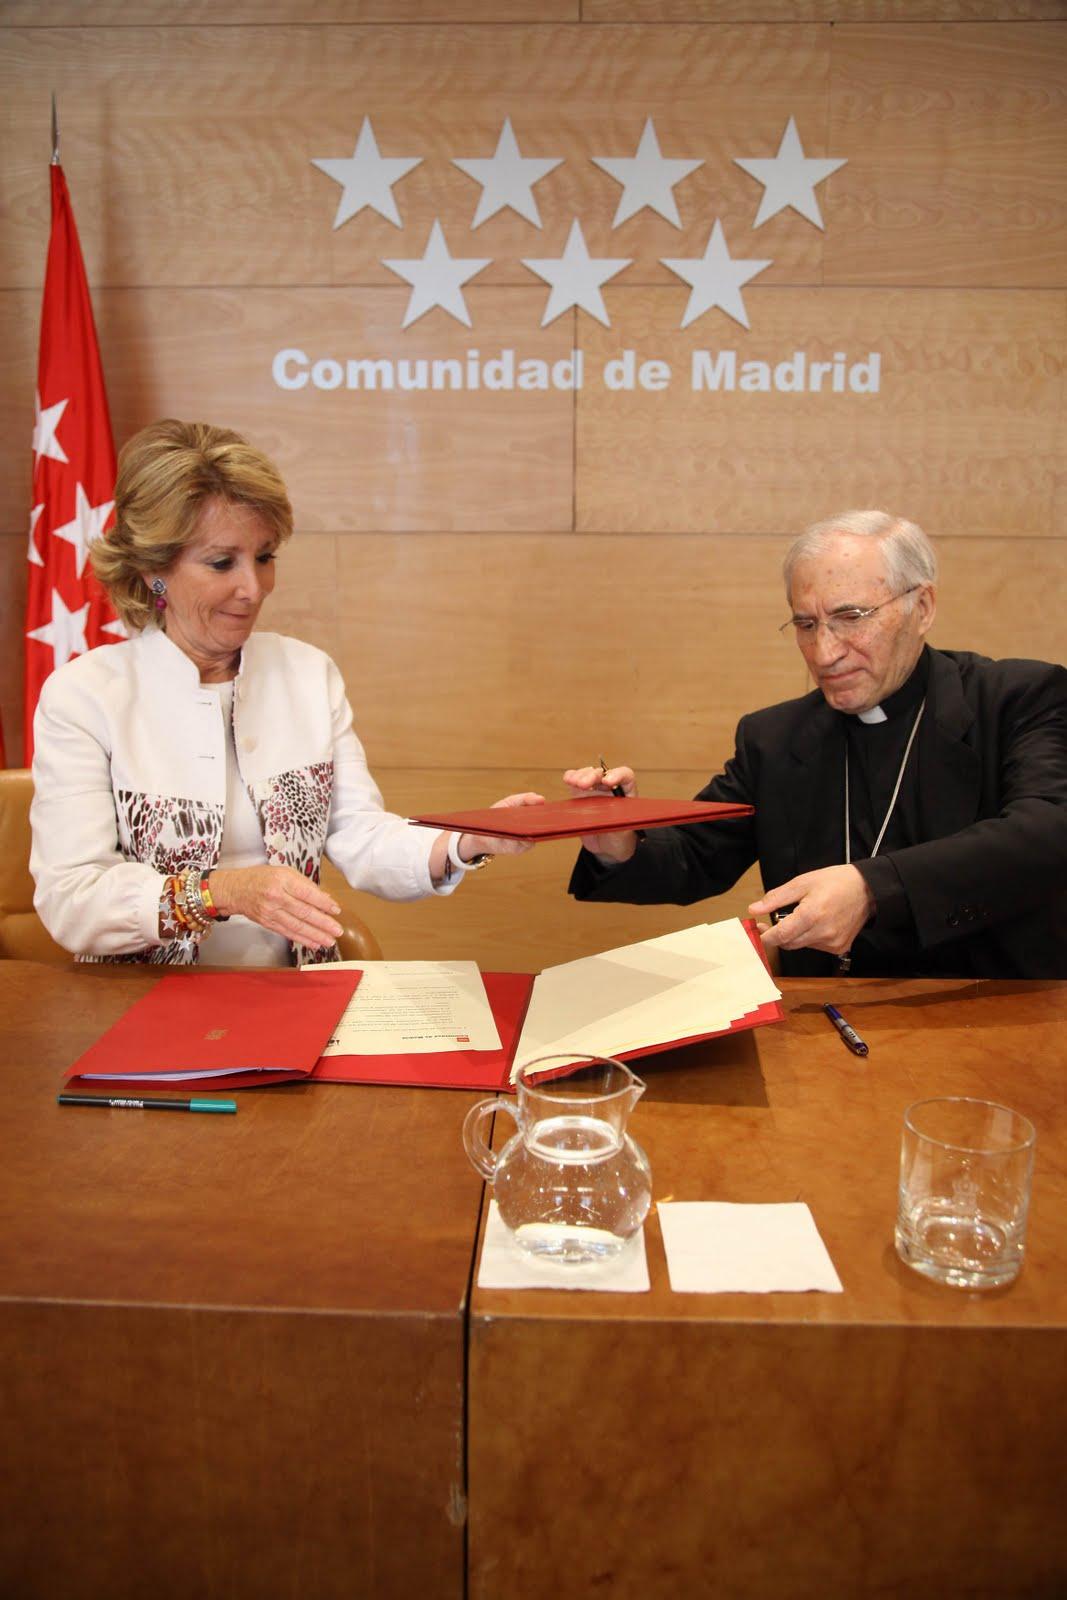 Jornada mundial de la juventud 2011 aguirre y rouco for Convenio oficinas y despachos comunidad de madrid